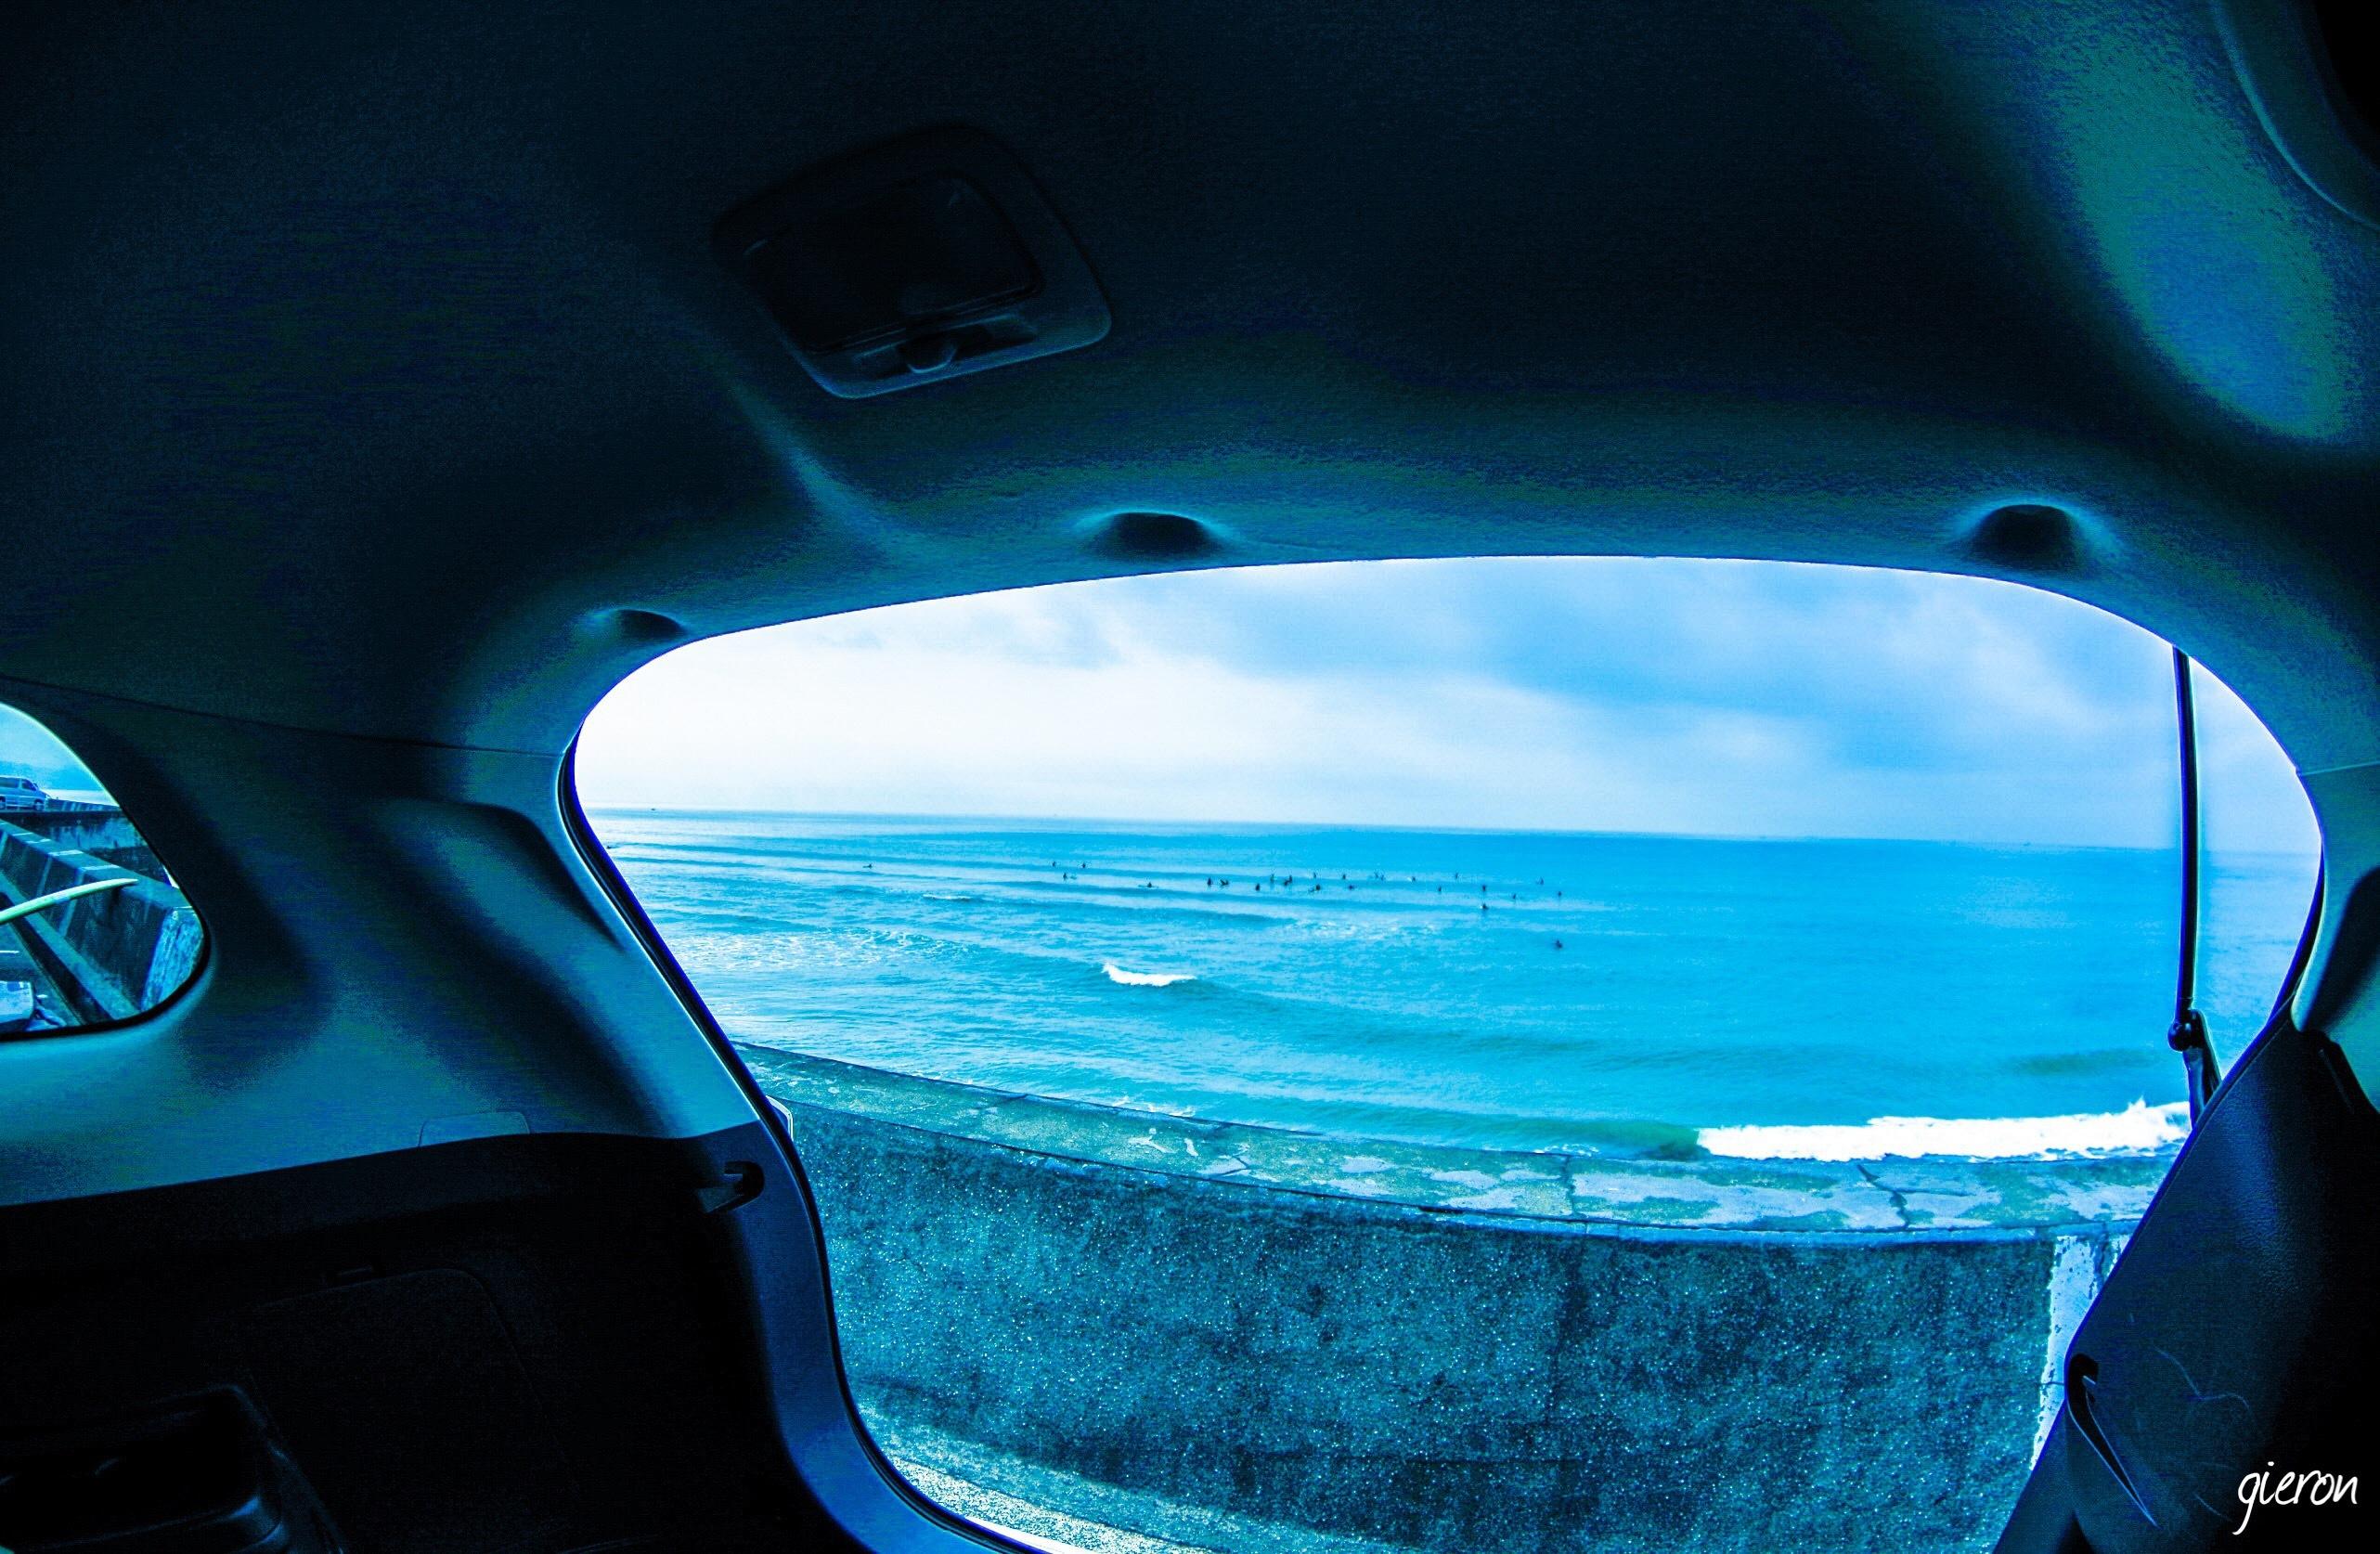 アウトランダーPHEV 海 夏 クルマの撮影スポット